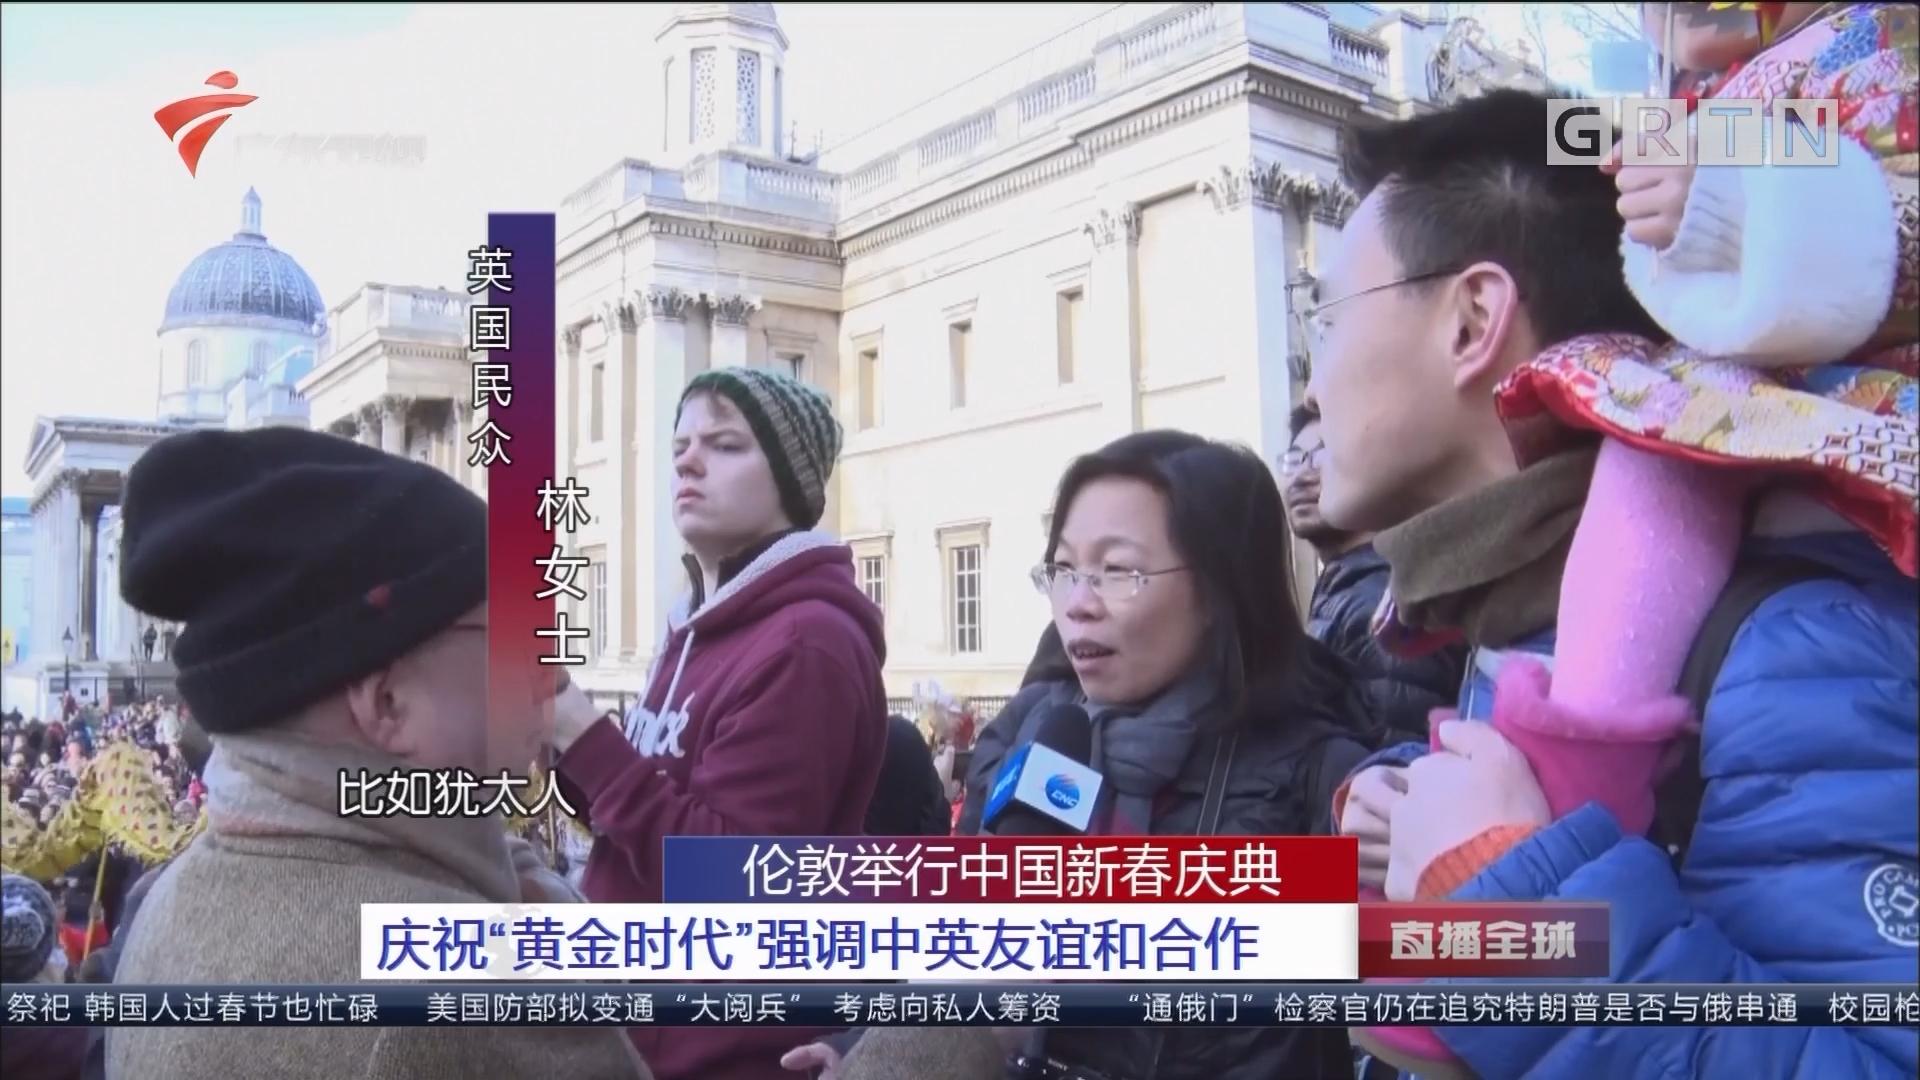 """伦敦举行中国新春庆典 庆祝""""黄金时代""""强调中英友谊和合作"""